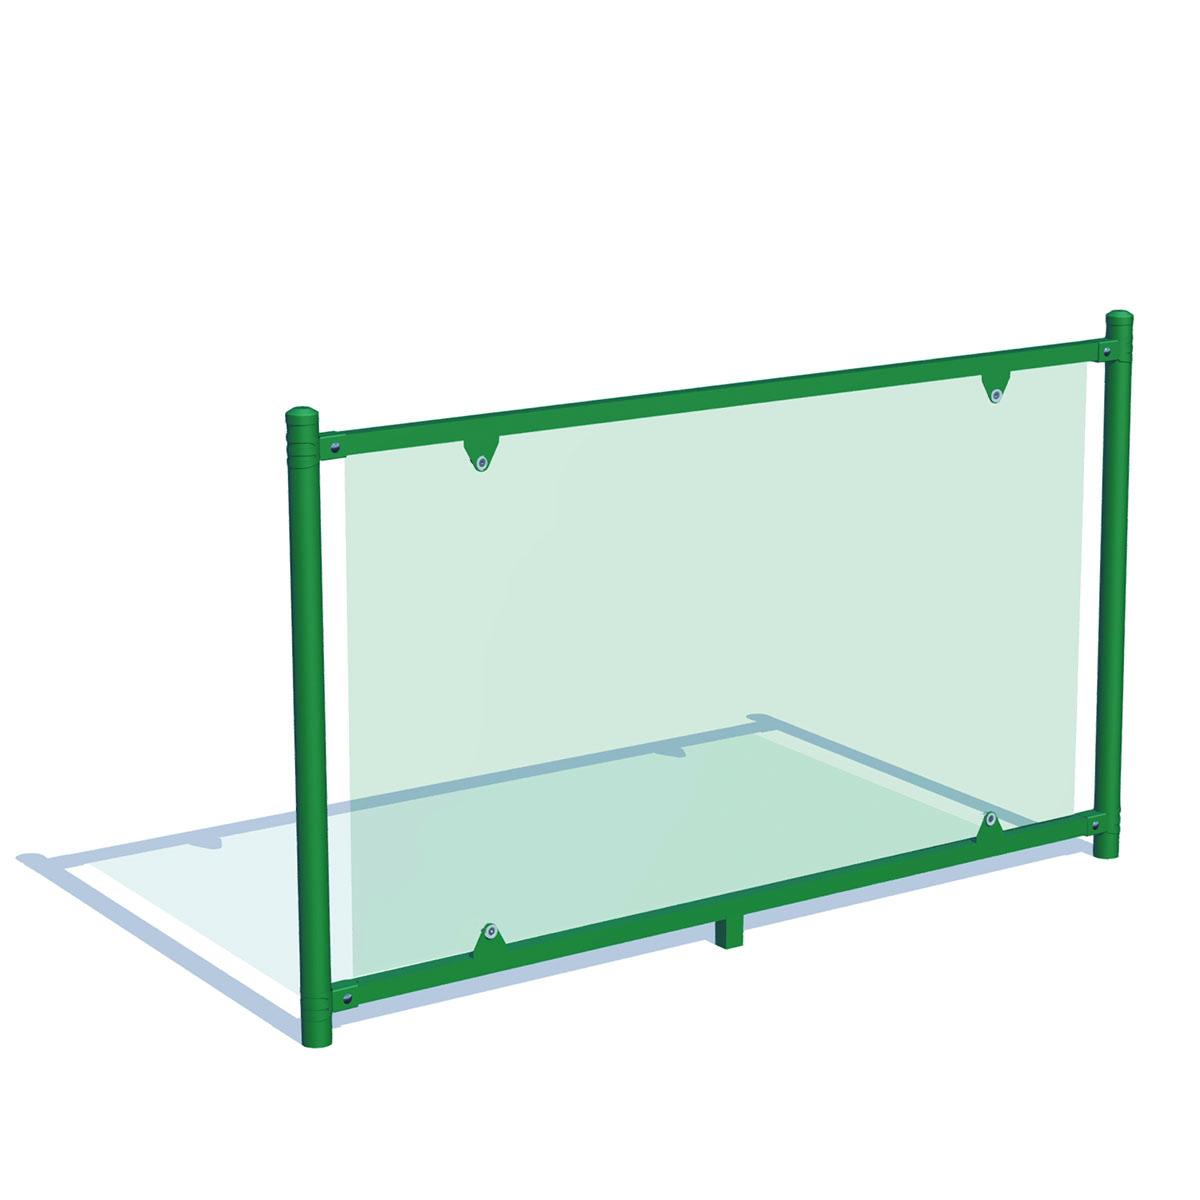 Modelos de valla verja de seguridad piscinas - Cerramientos de metacrilato ...